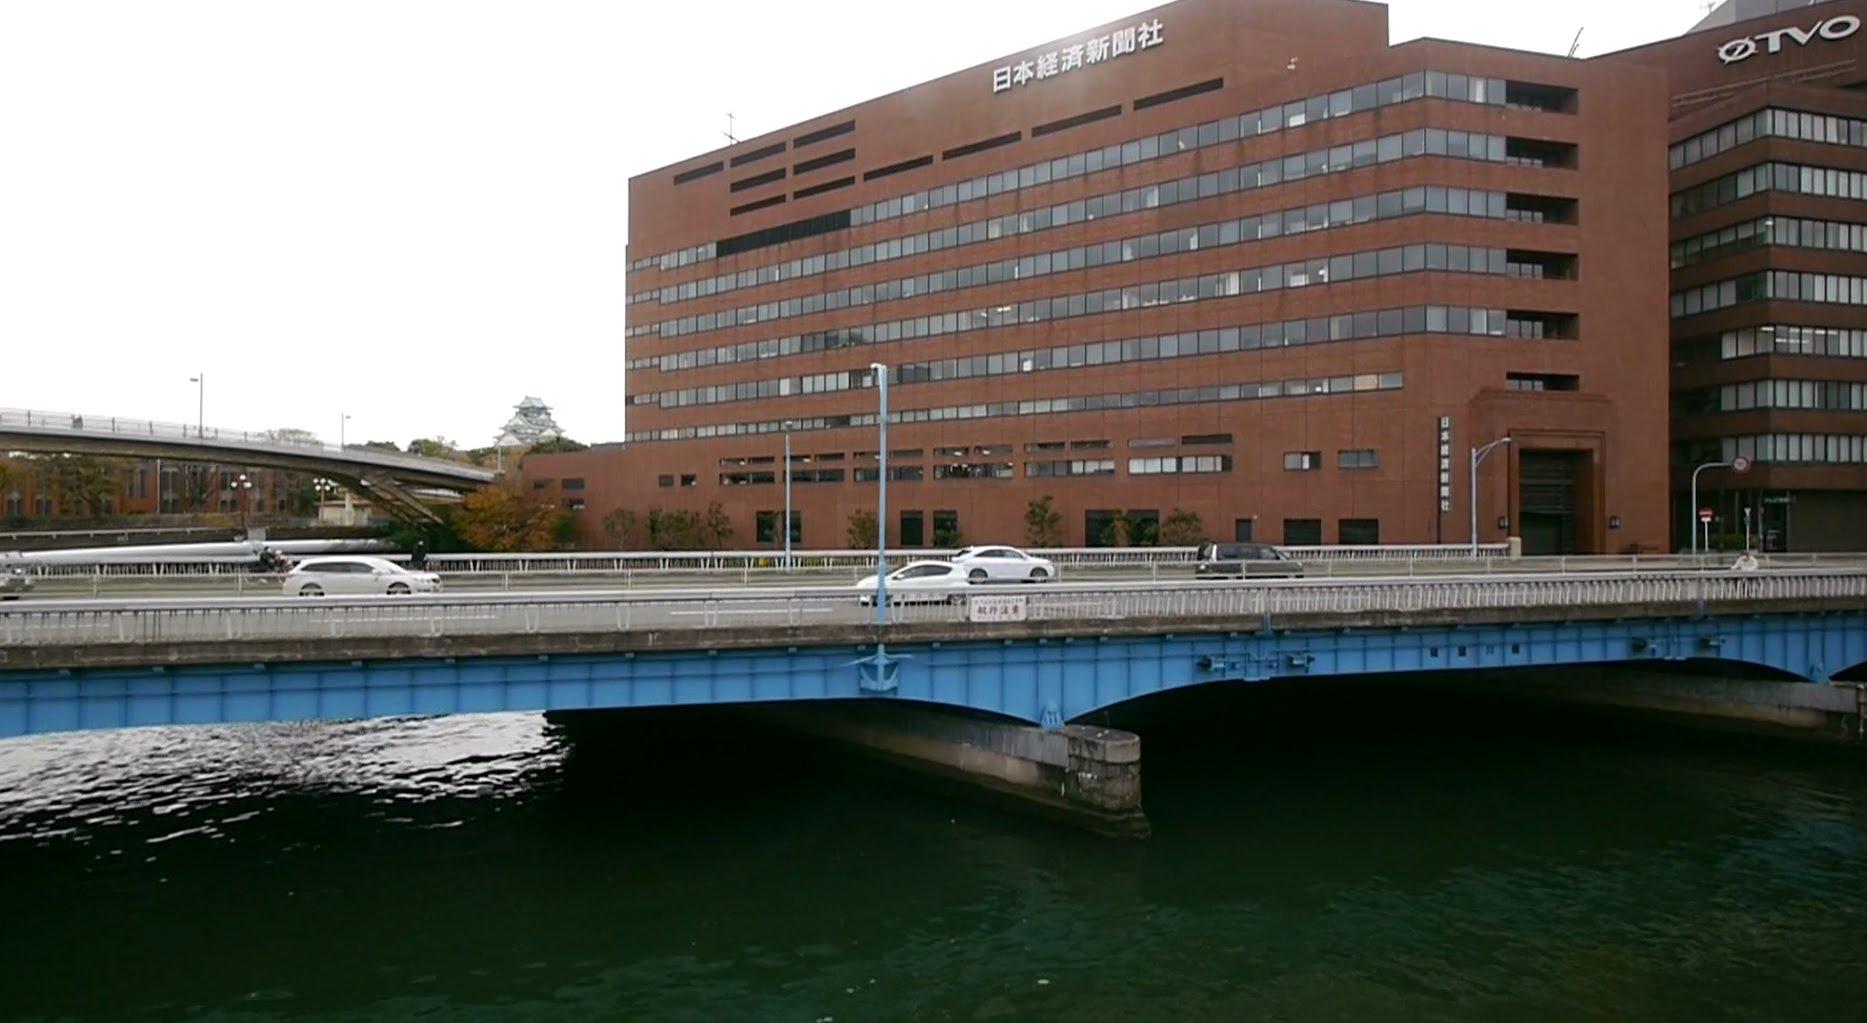 【60fps】京阪電気鉄道 特急 超広角車窓 進行左側 出町柳~京橋・淀屋橋